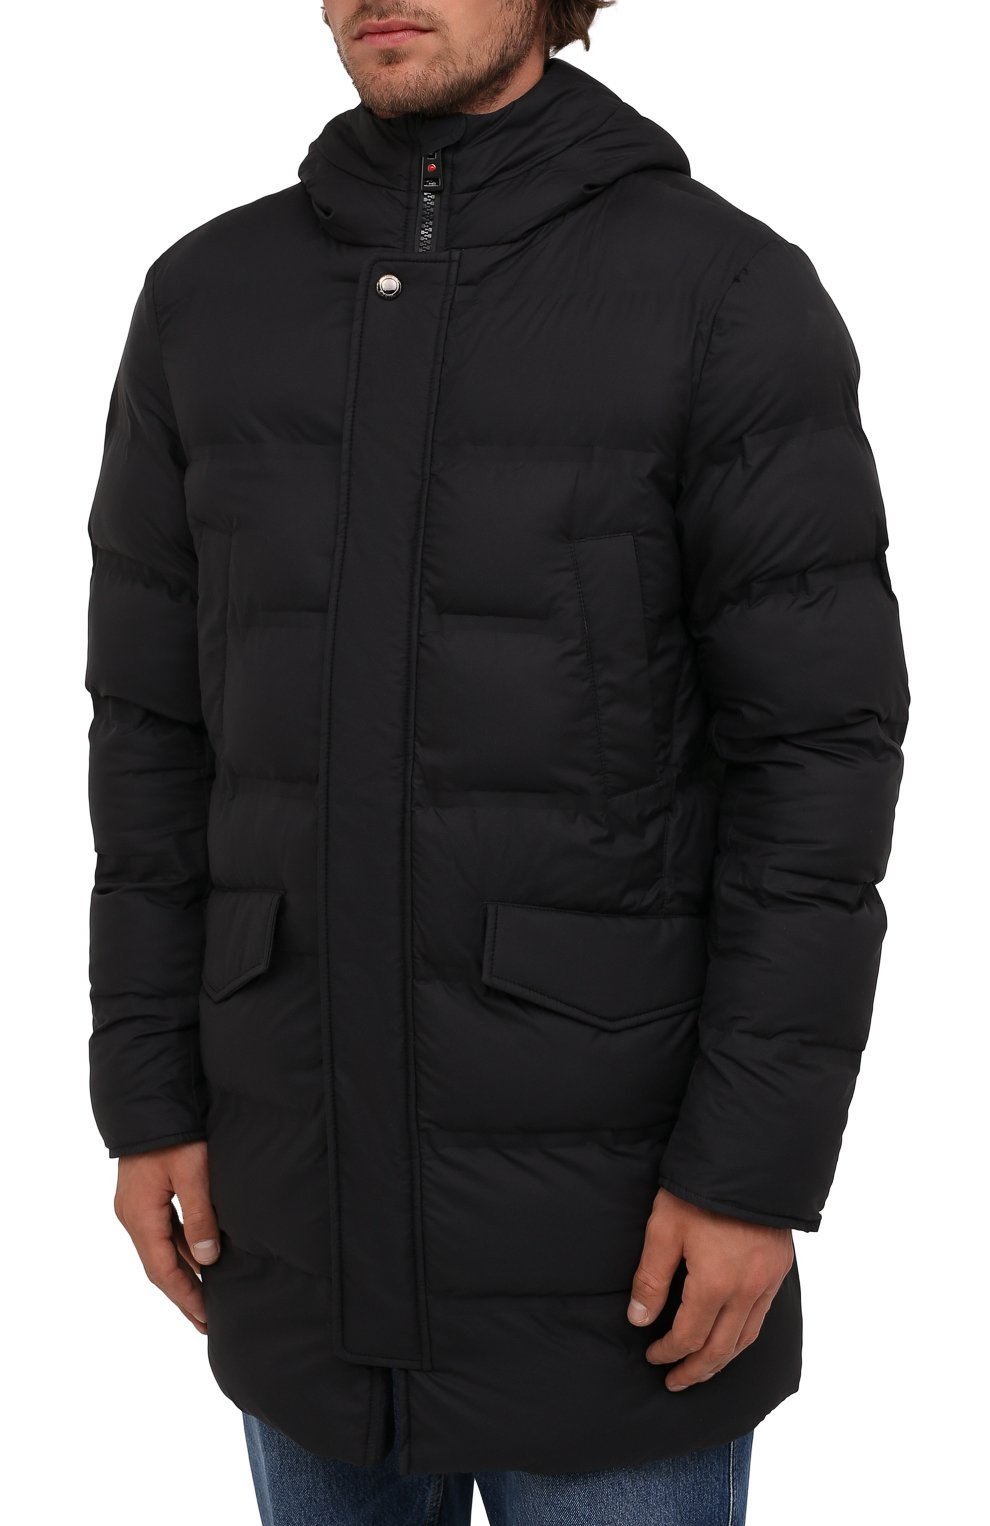 Мужская утепленная куртка KIRED черного цвета, арт. WSUKW7408505000 | Фото 3 (Кросс-КТ: Куртка; Мужское Кросс-КТ: пуховик-короткий; Рукава: Длинные; Длина (верхняя одежда): До середины бедра; Материал внешний: Синтетический материал; Материал подклада: Синтетический материал; Стили: Кэжуэл)